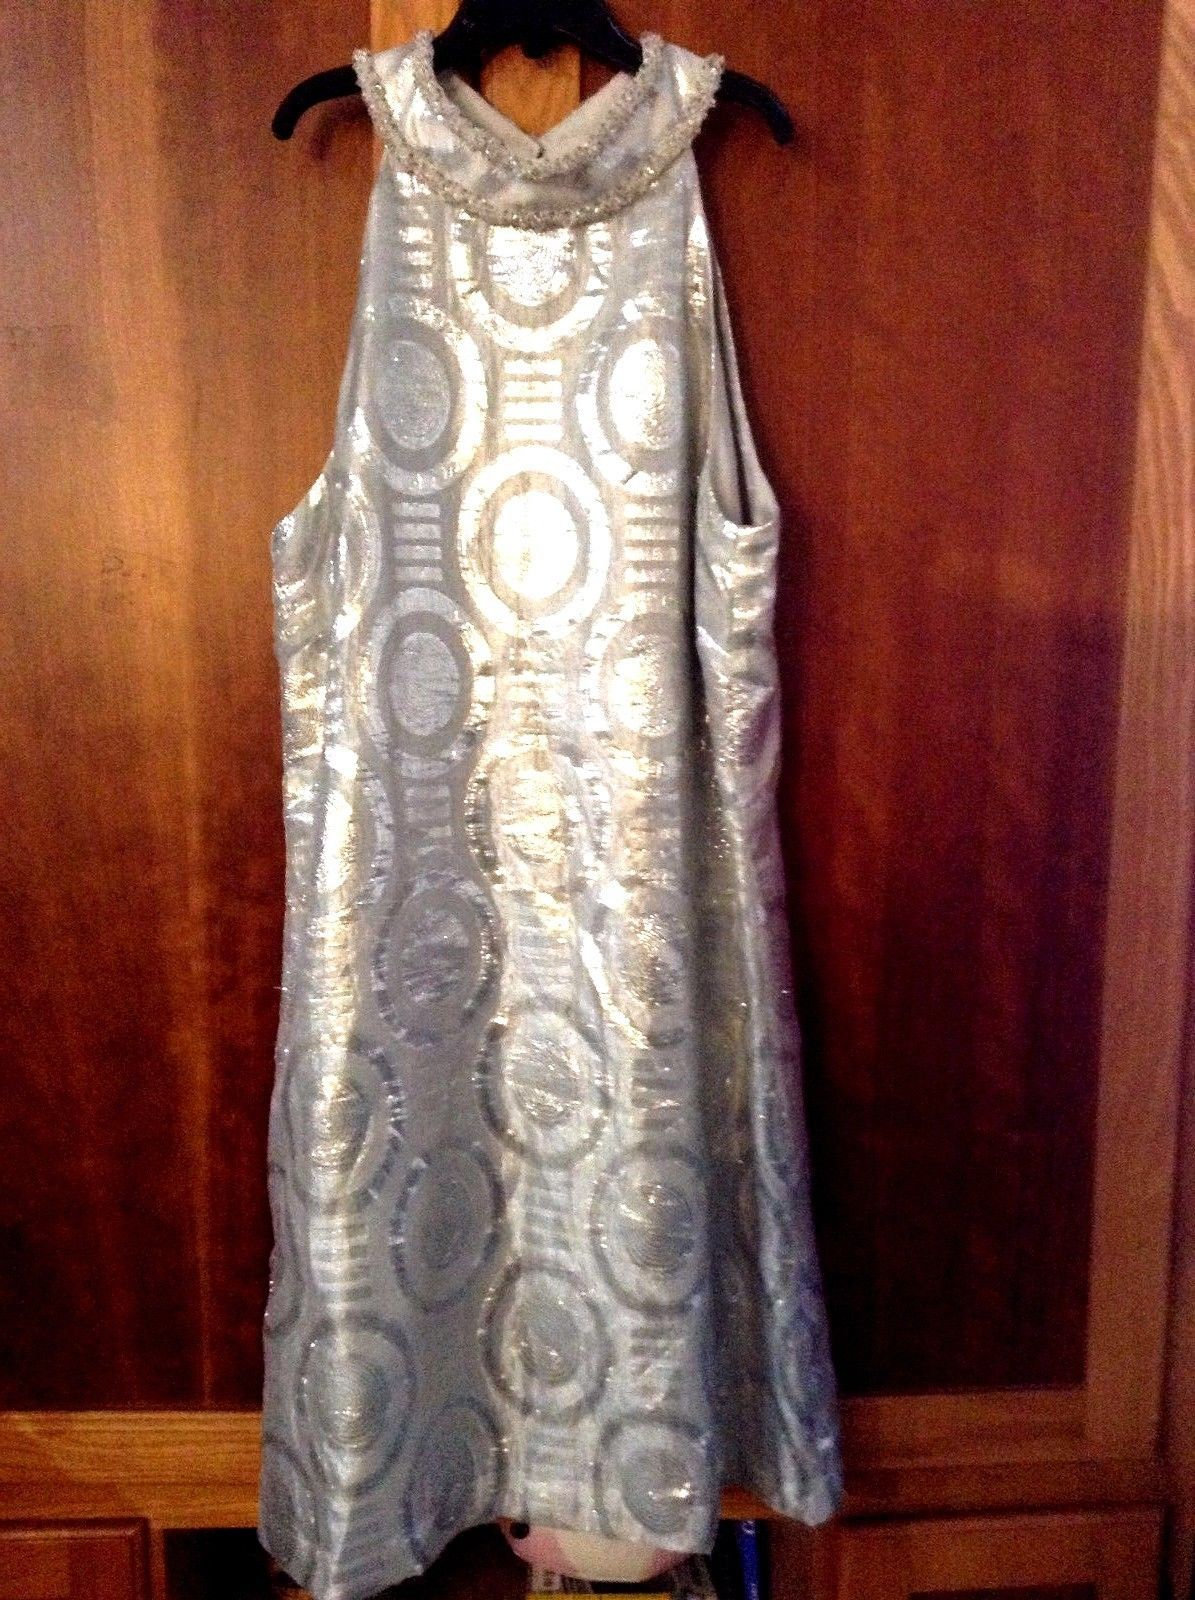 Awesome awesome womens jrs sz mini dress retro mod us maggy